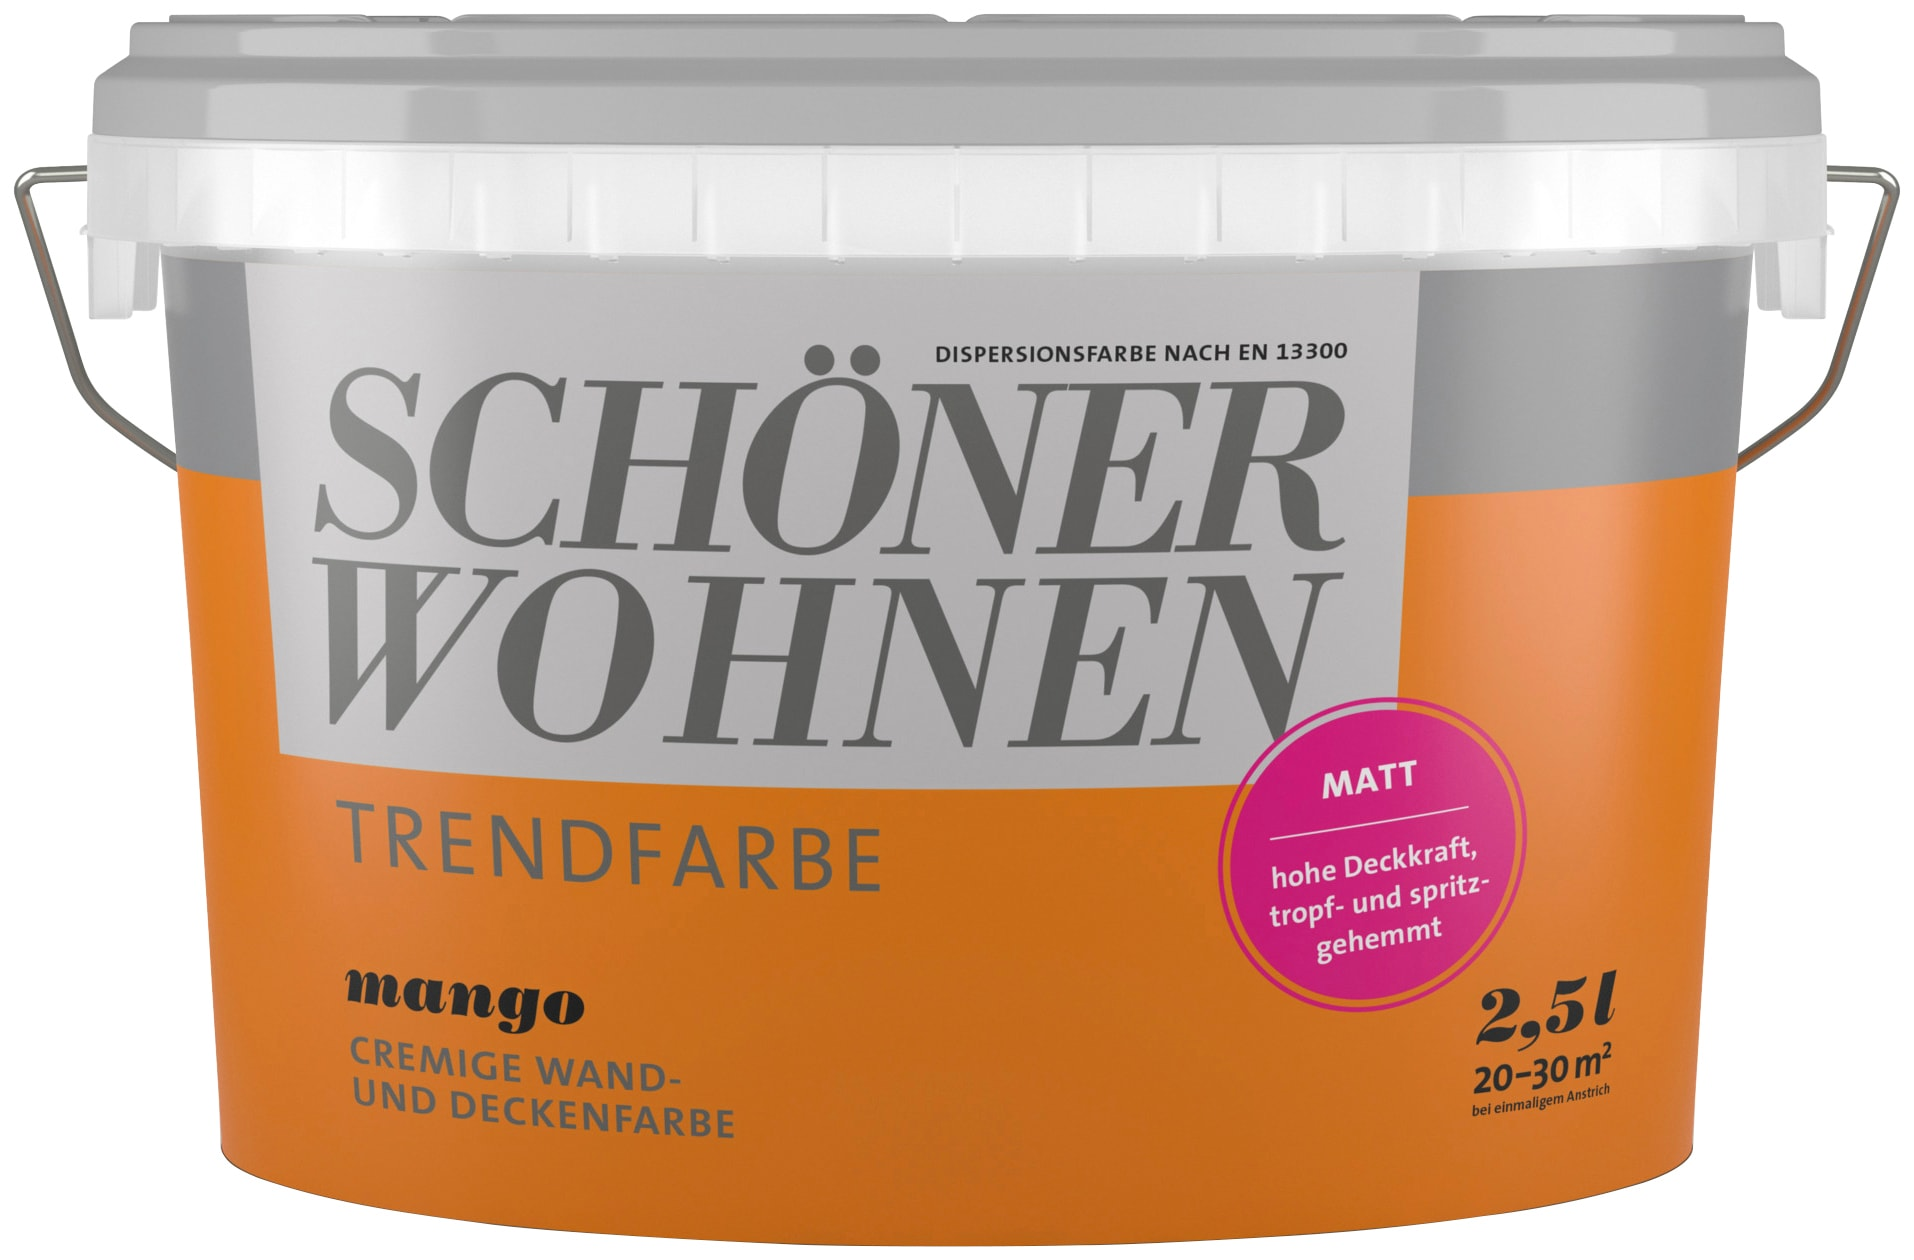 SCHÖNER WOHNEN FARBE Wand- und Deckenfarbe »Trendfarbe Mango,  seidenglänzend«, 2,5 l per Rechnung | BAUR